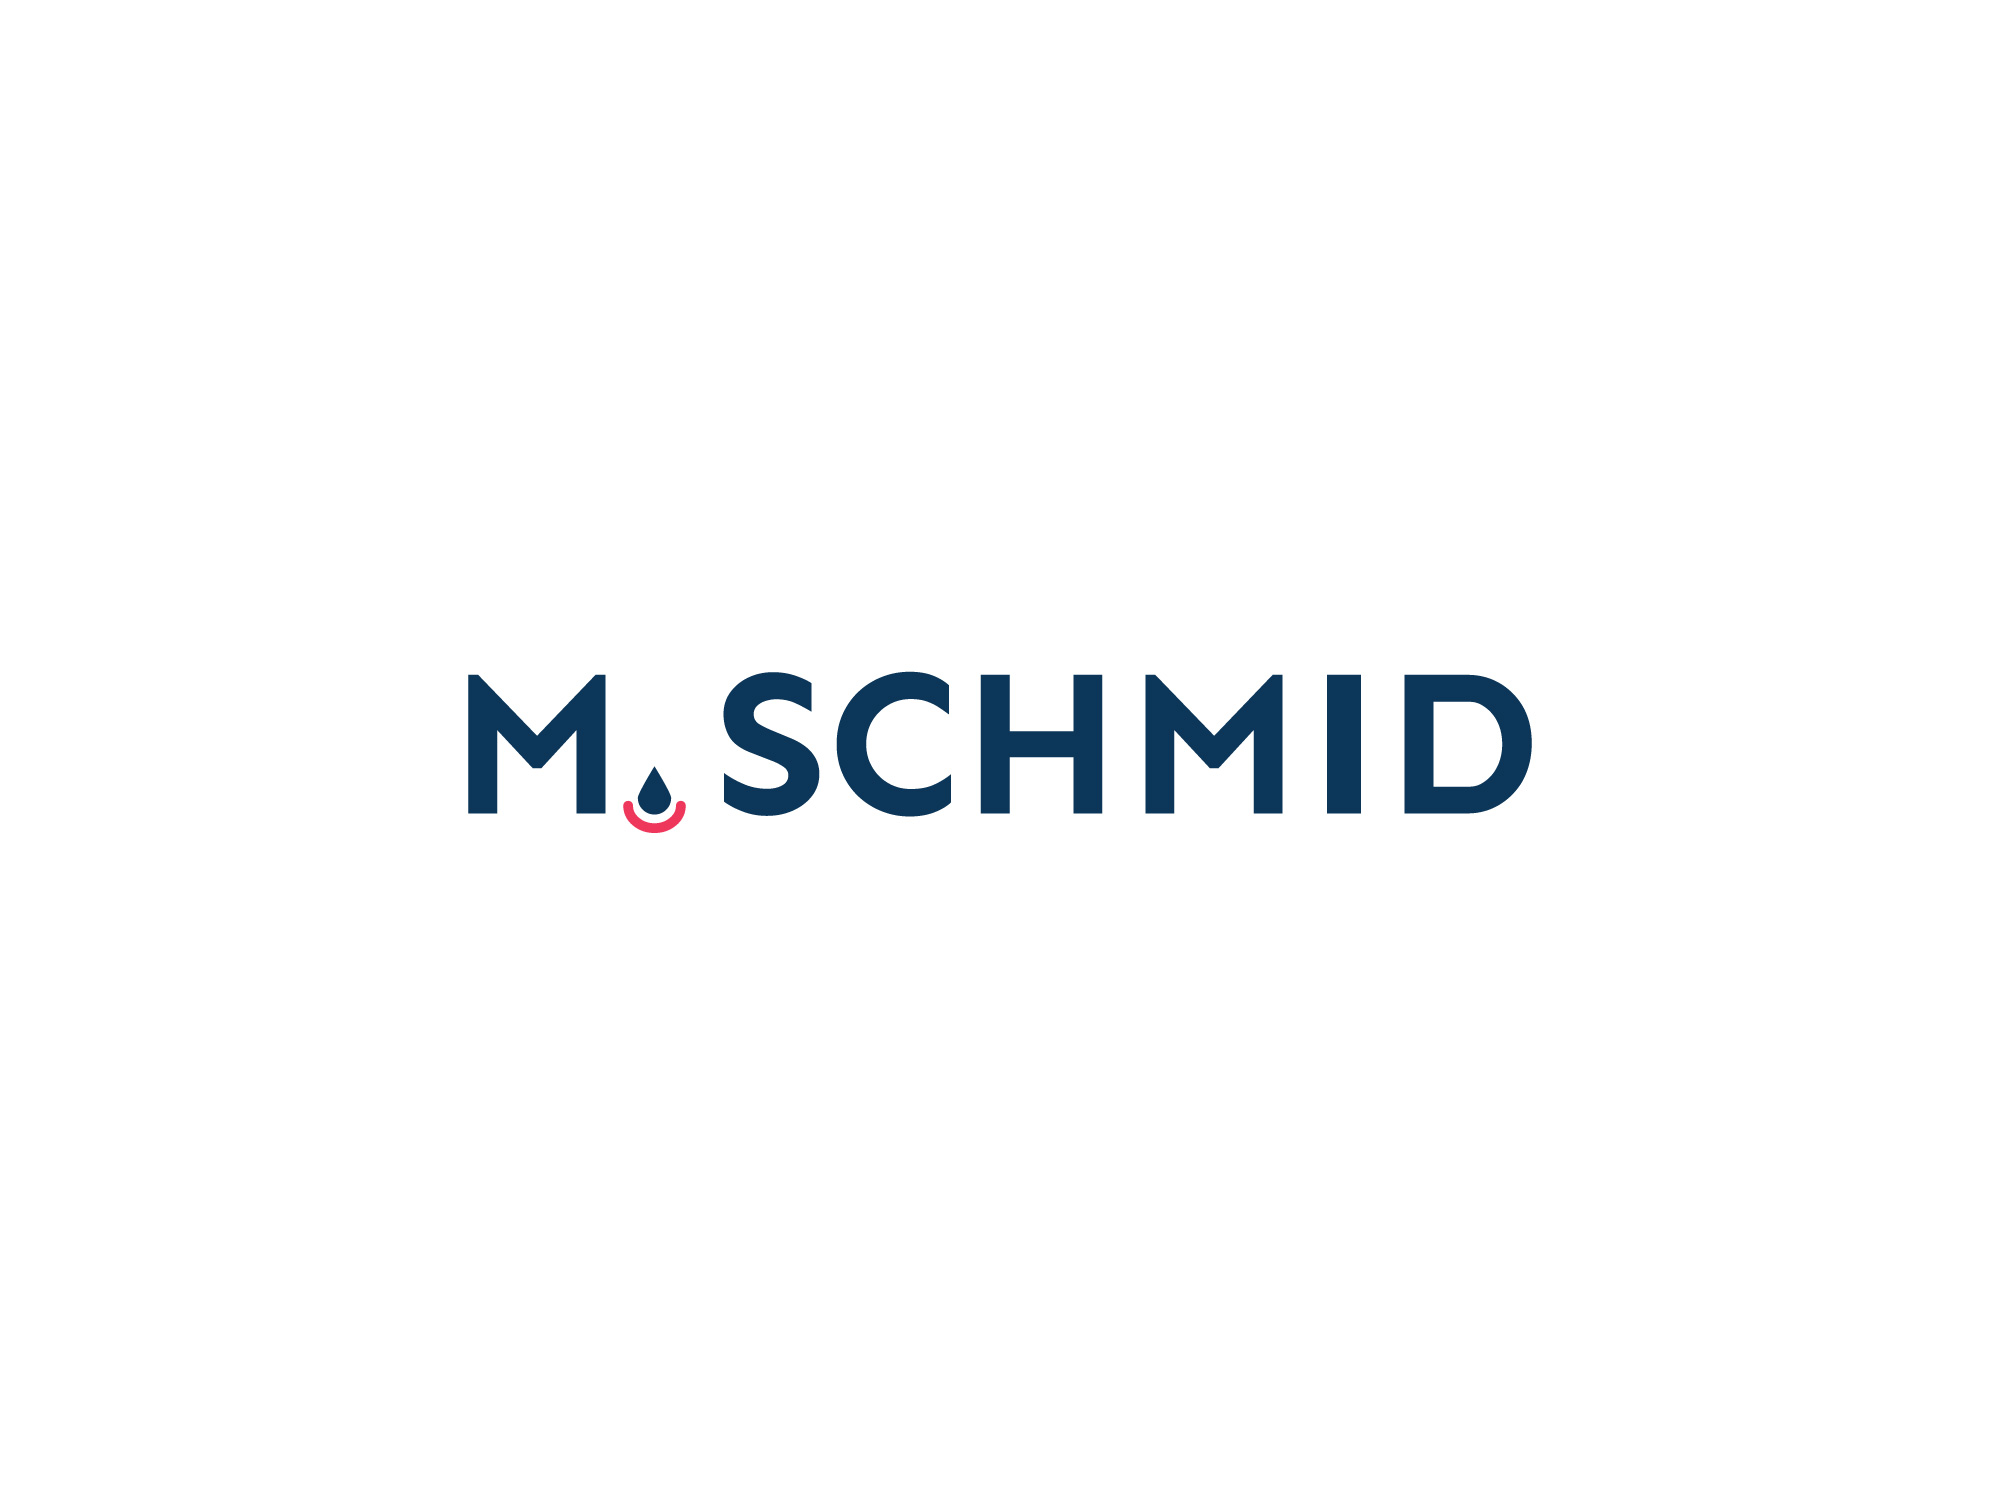 logo_m.schmid_vorsorge_v